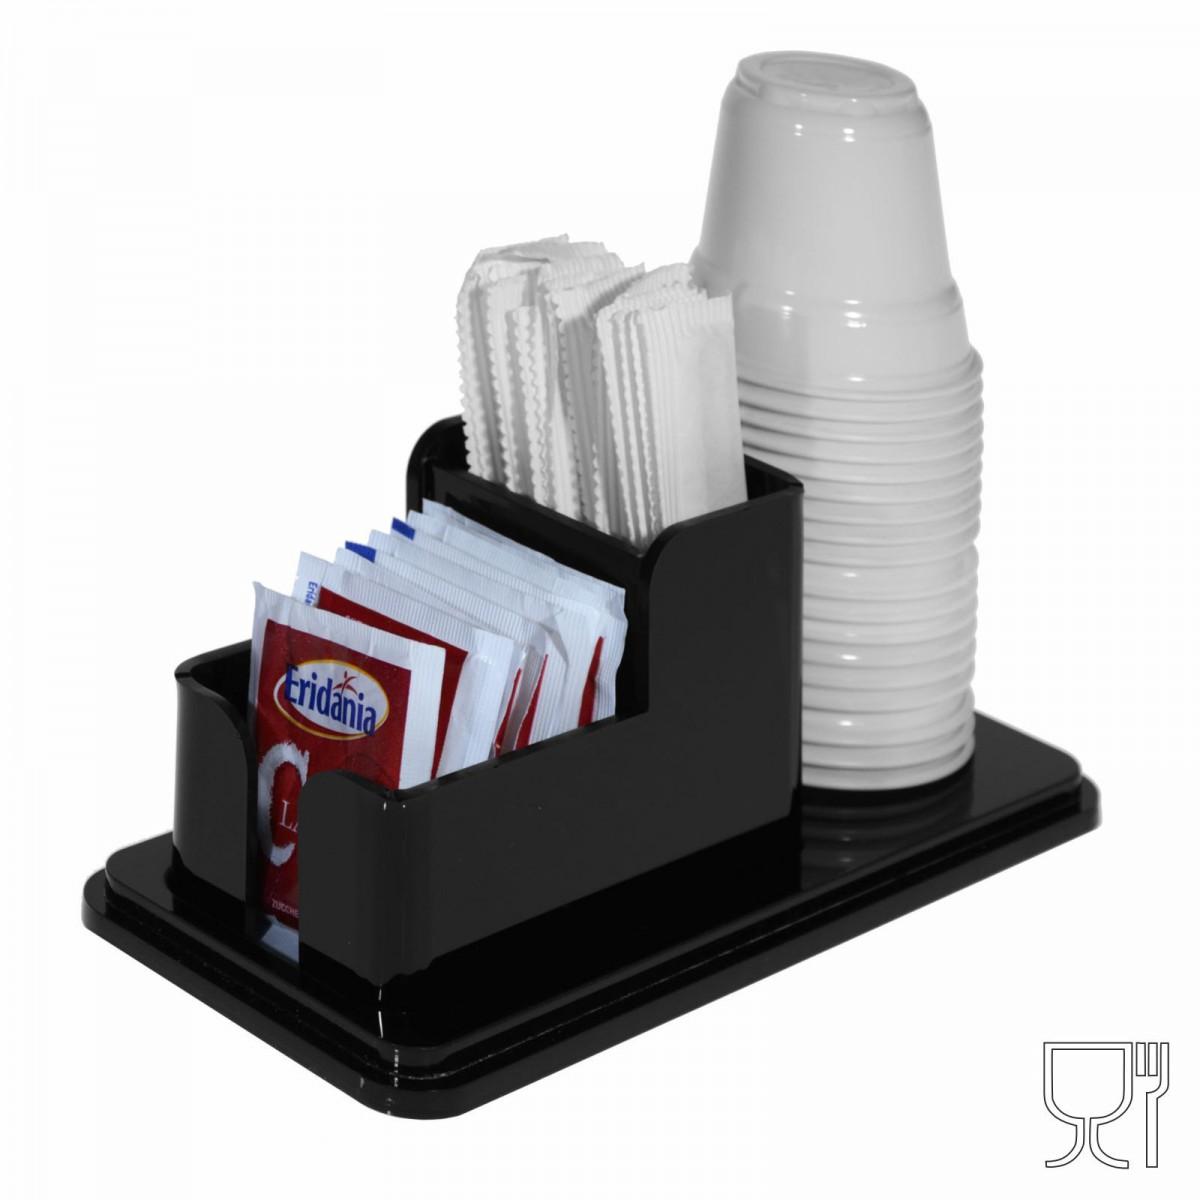 Expositor de sobres de azúcar, paletinas y vasos en plexiglás negro de 3 compartimentos